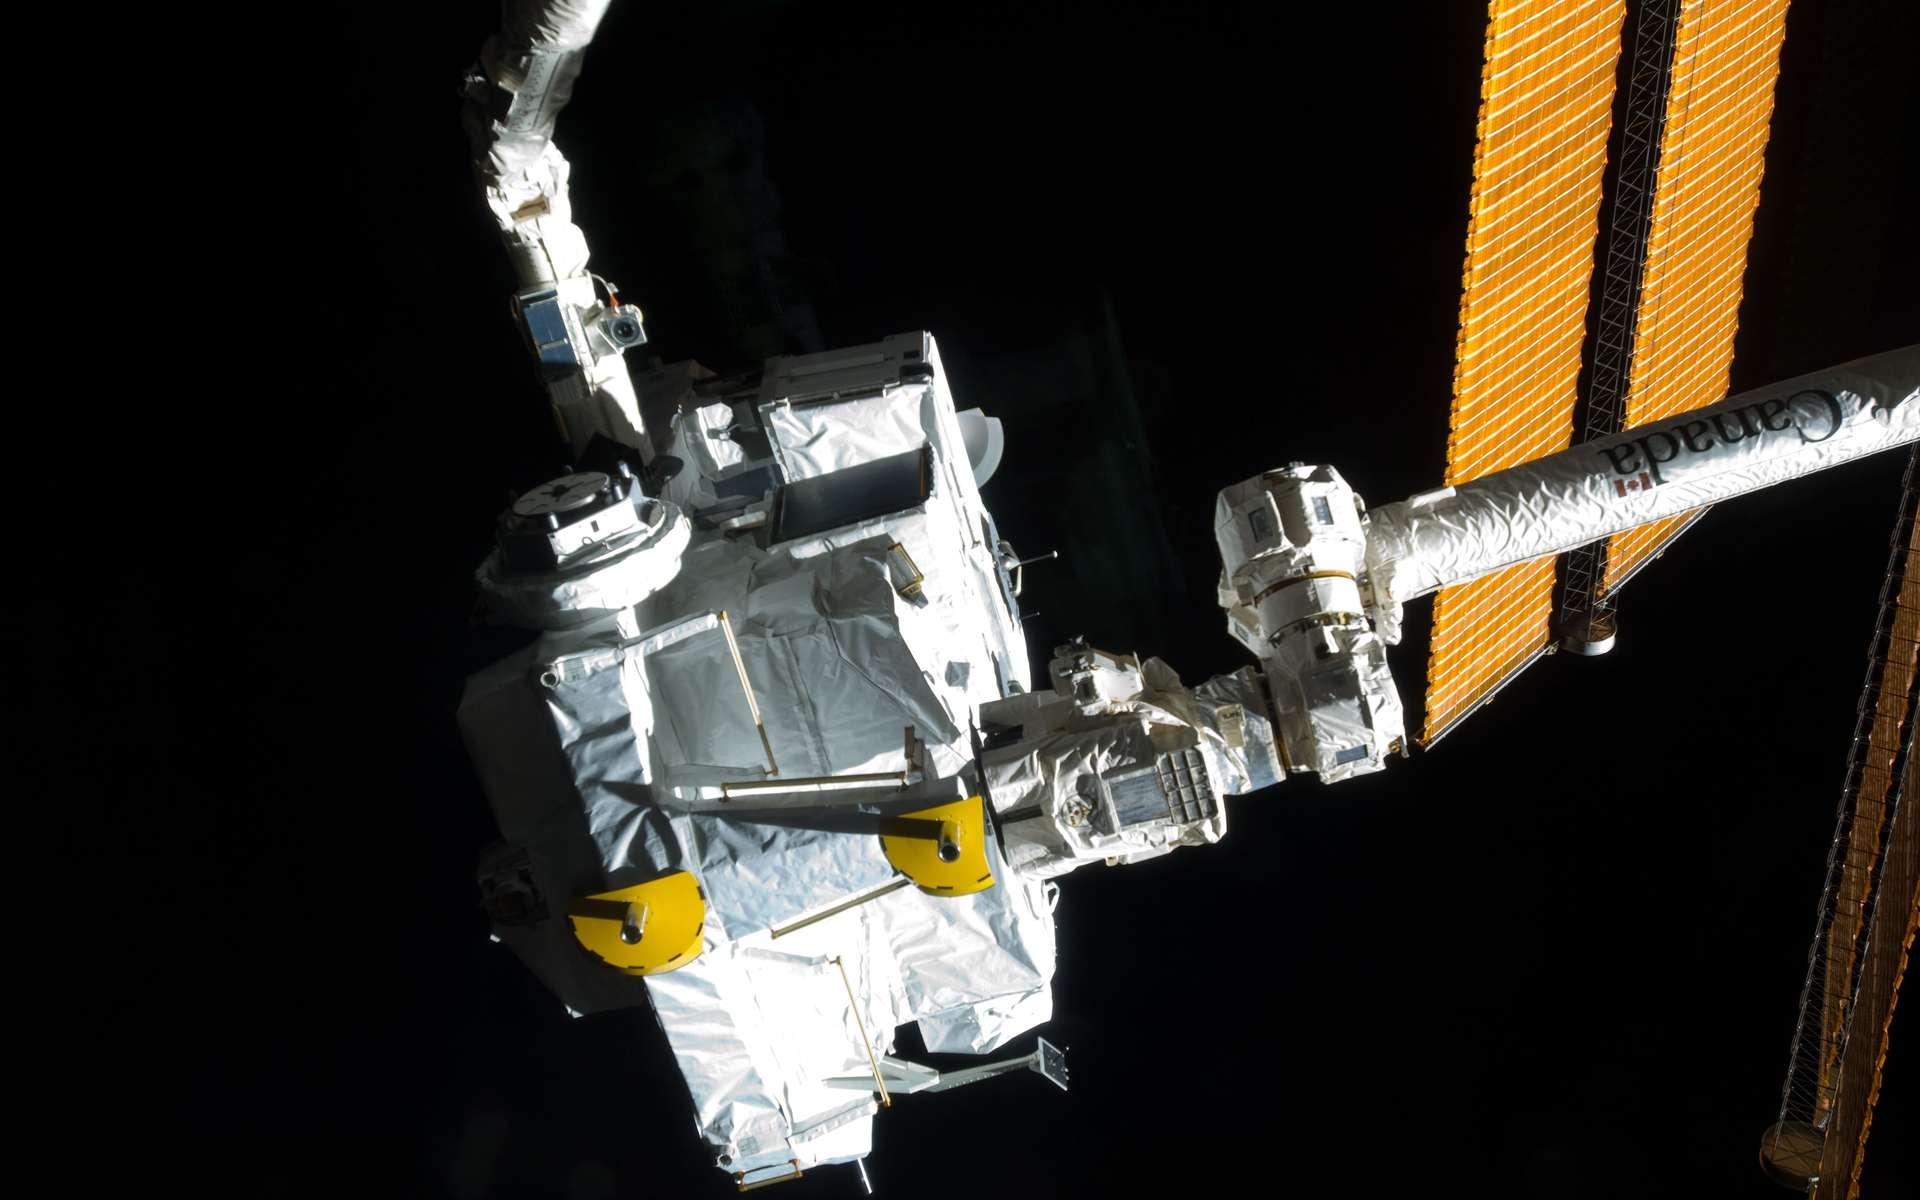 Le module JLE (Japanese Logistics Module Exposed Section) extrait de la soute de la navette Endeavour par Canadarm2, le bras de l'ISS. © Nasa